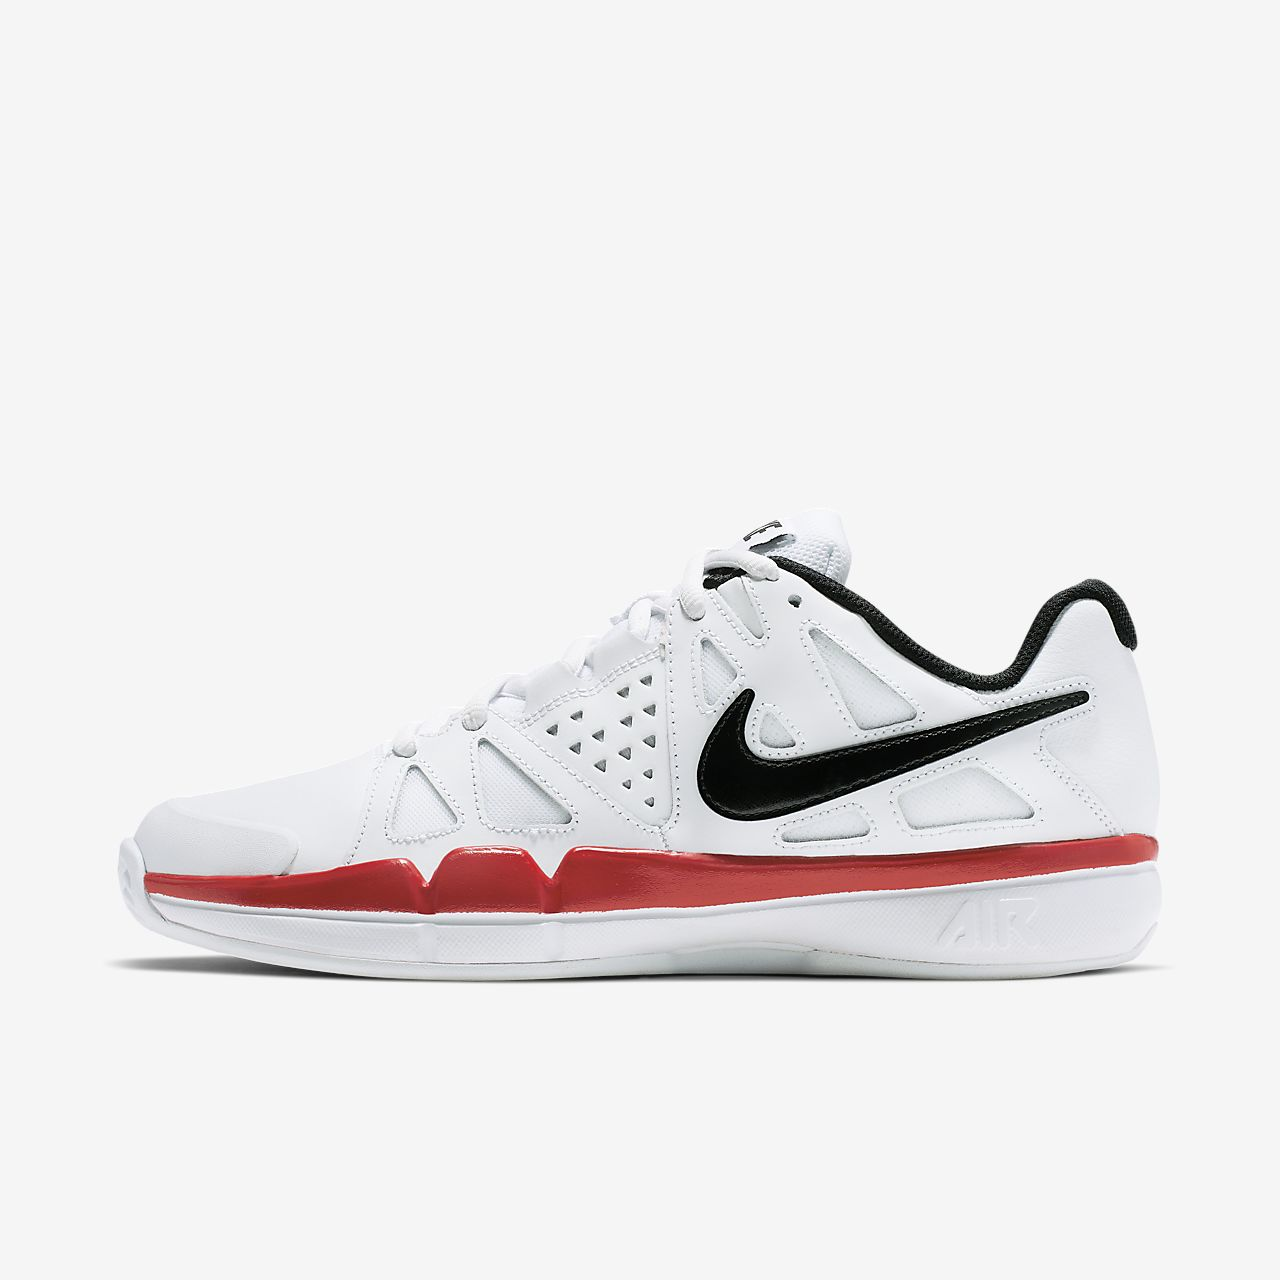 Nike - Vapeur Air Avantage Cuir Chaussures De Tennis - Hommes - Chaussures - Blanc - 44,5